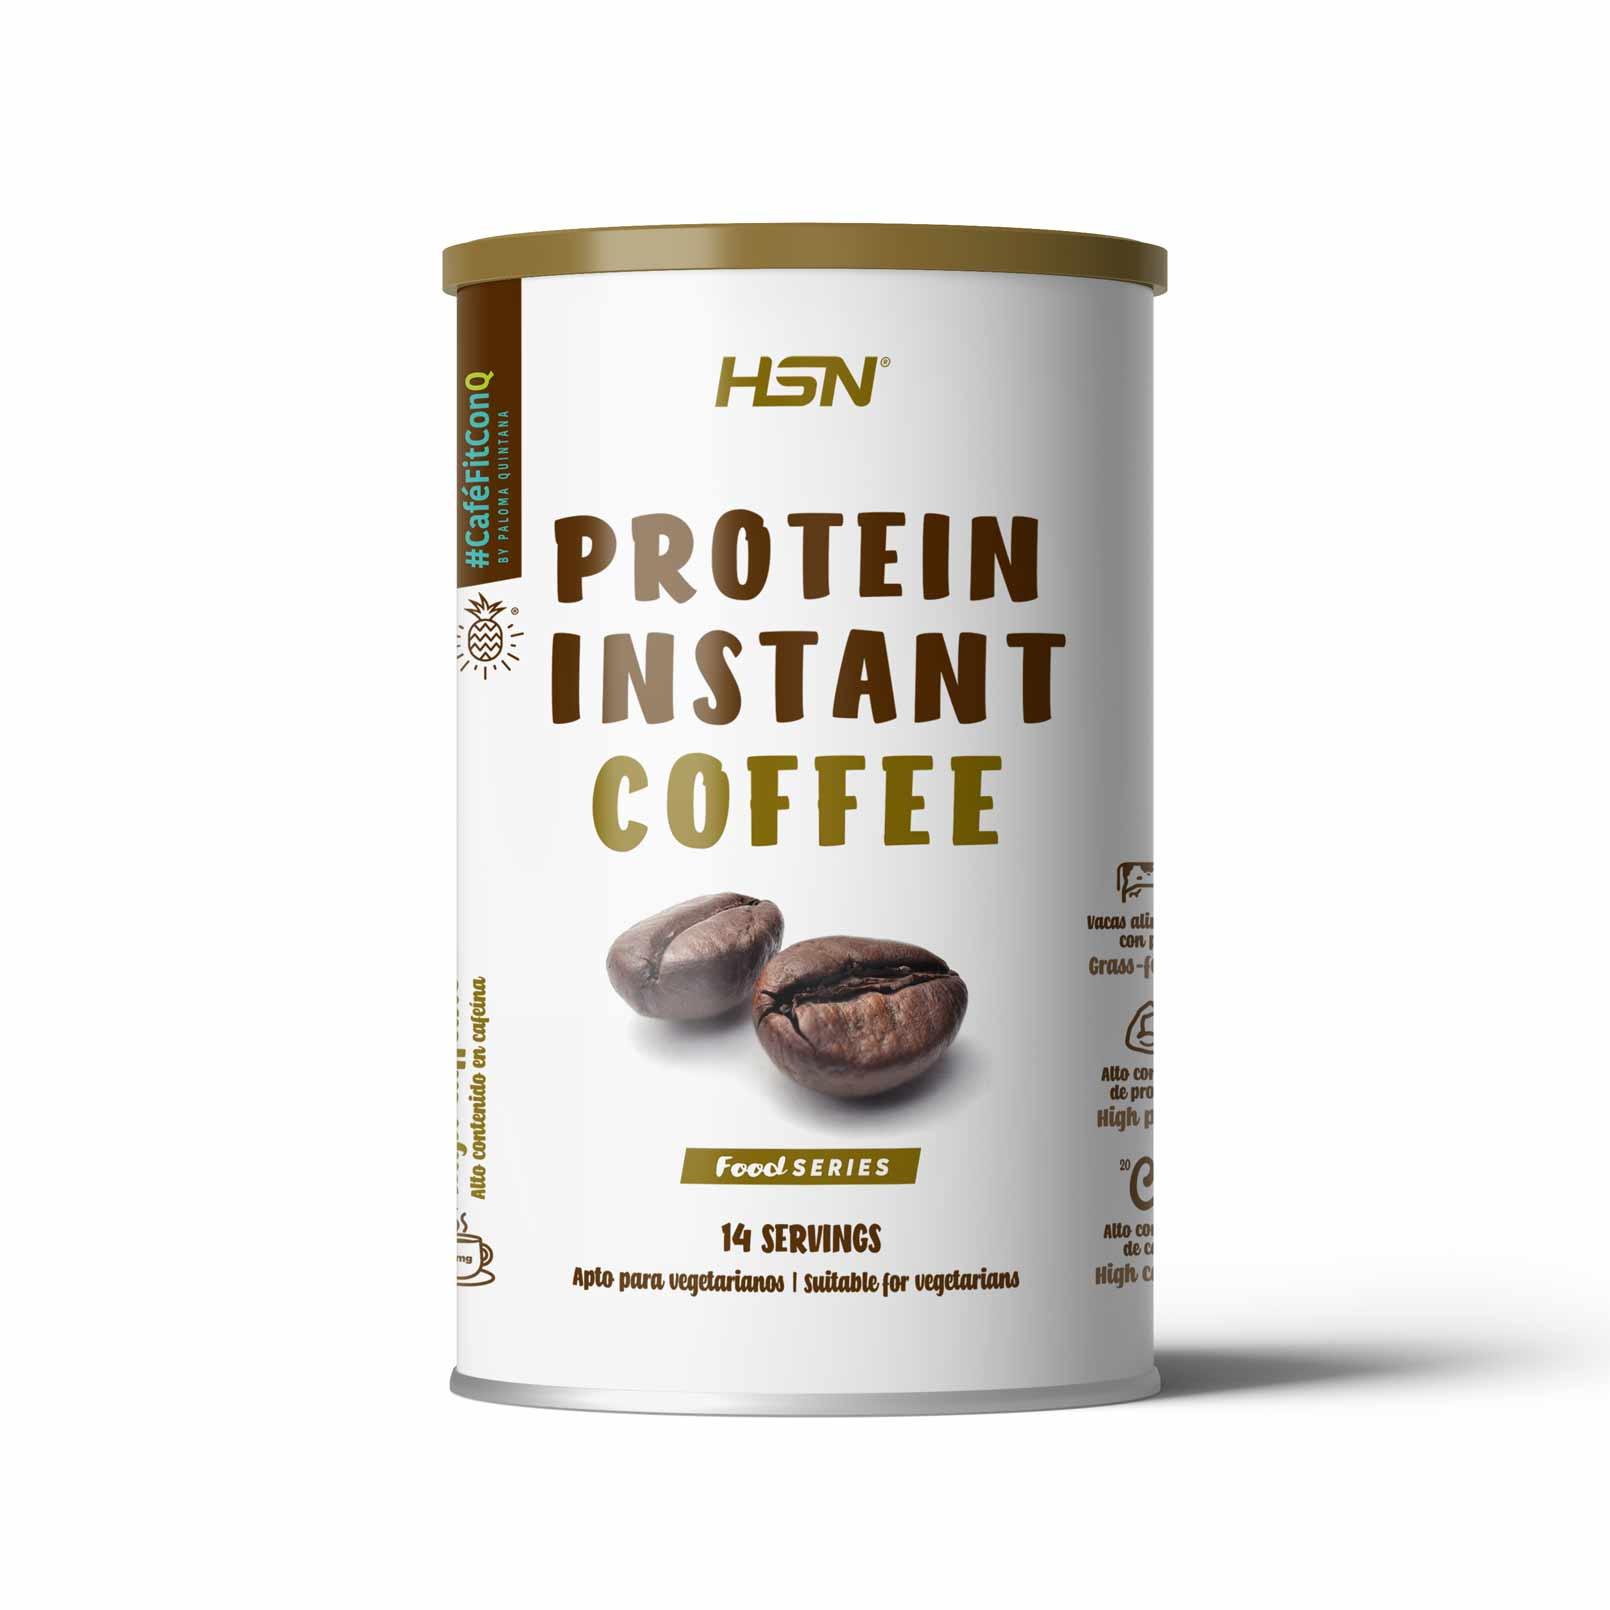 Café Proteico #CaféFitConQ